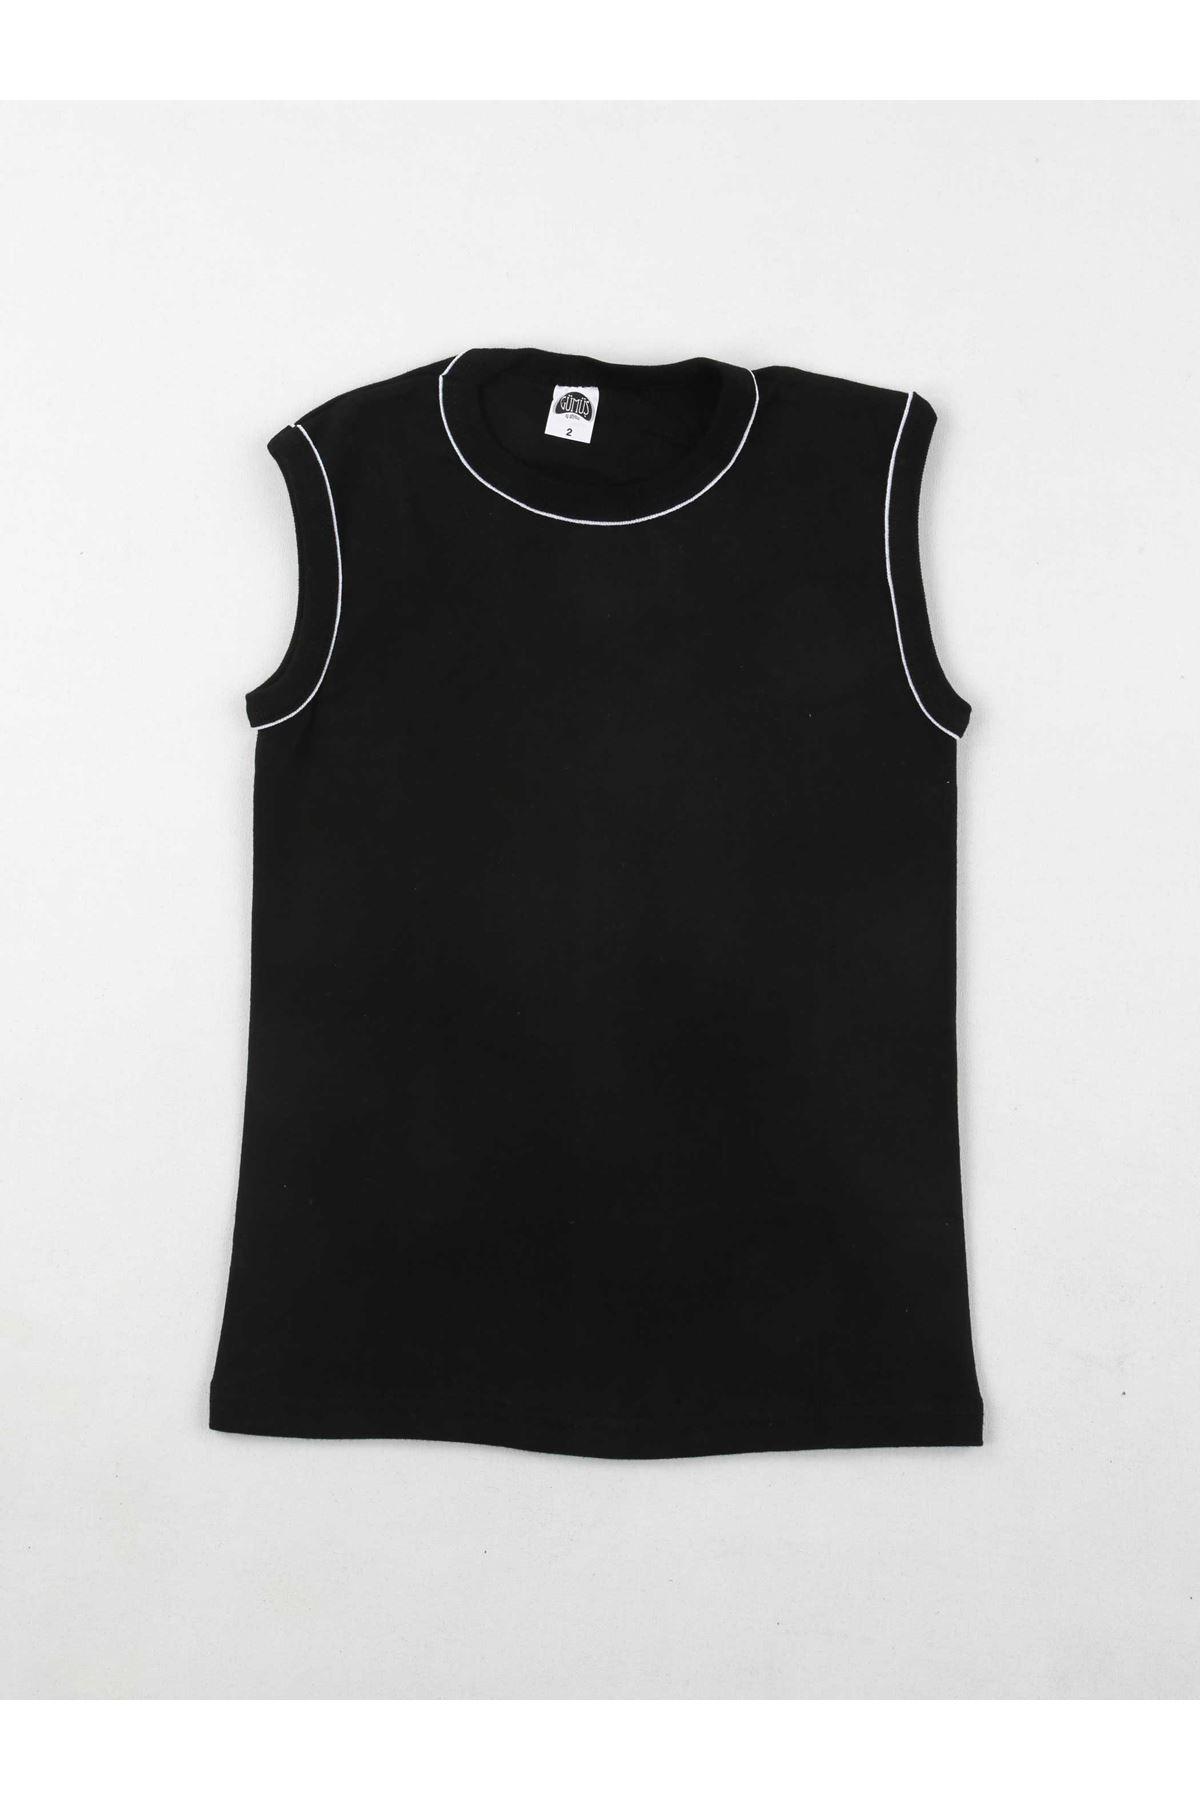 Gümüş İç Giyim Erkek Çocuk Siyah  Spor Fanila